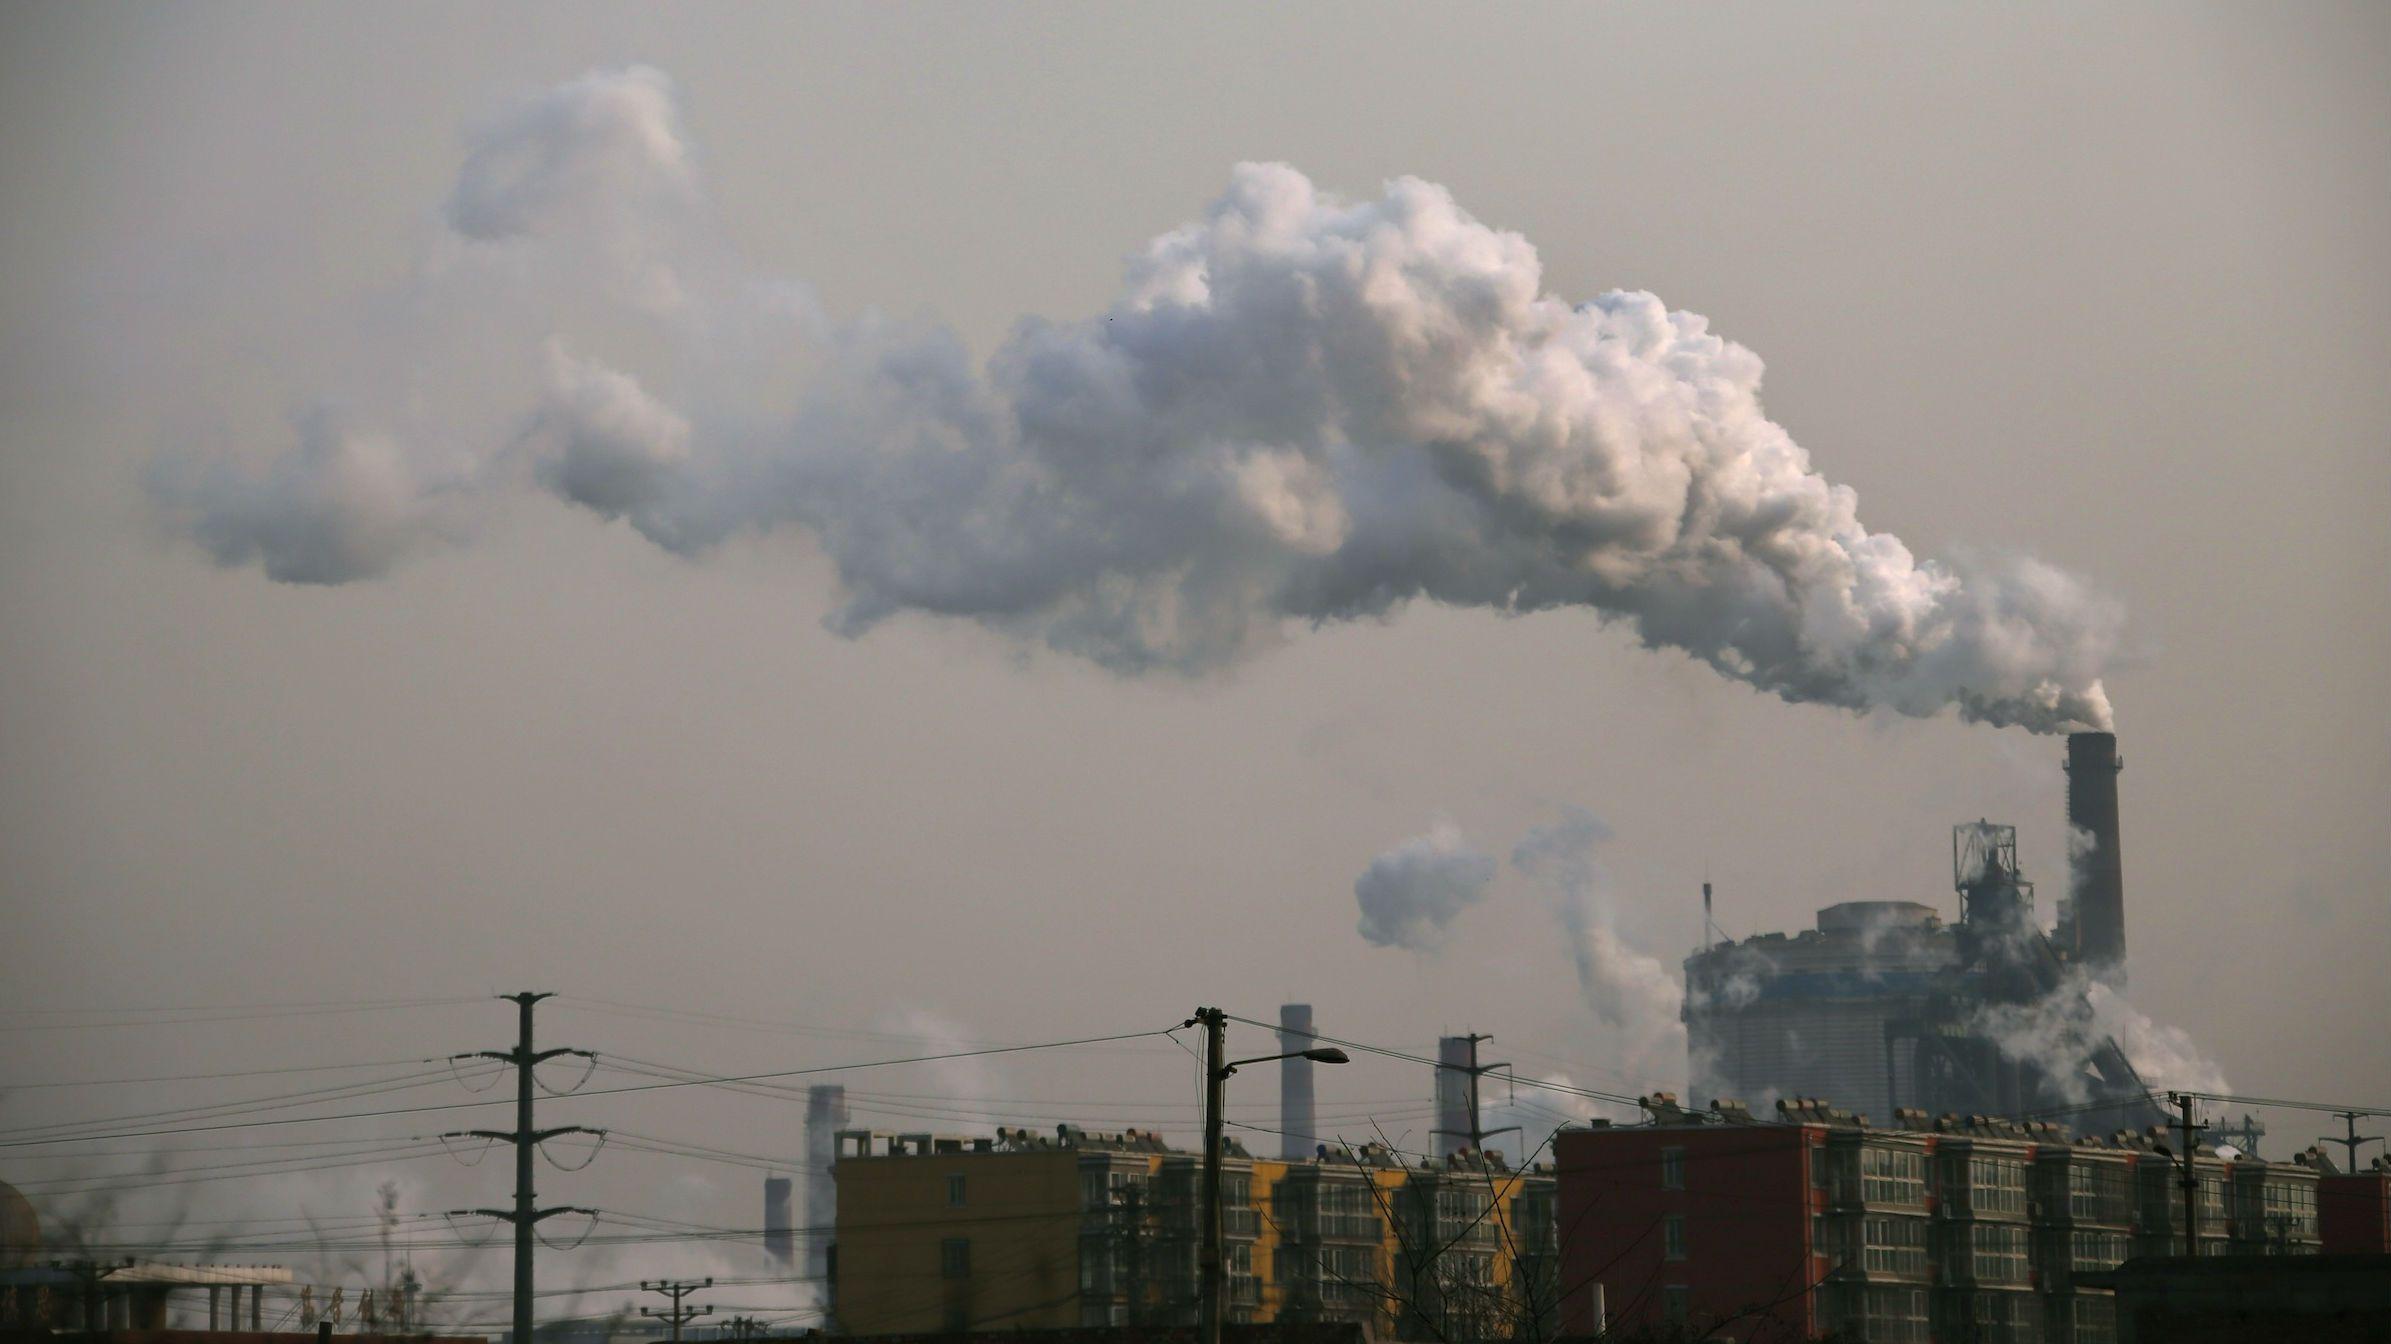 La Cámara de Comercio rechaza que se atribuya la elevada contaminación exclusivamente a la industria